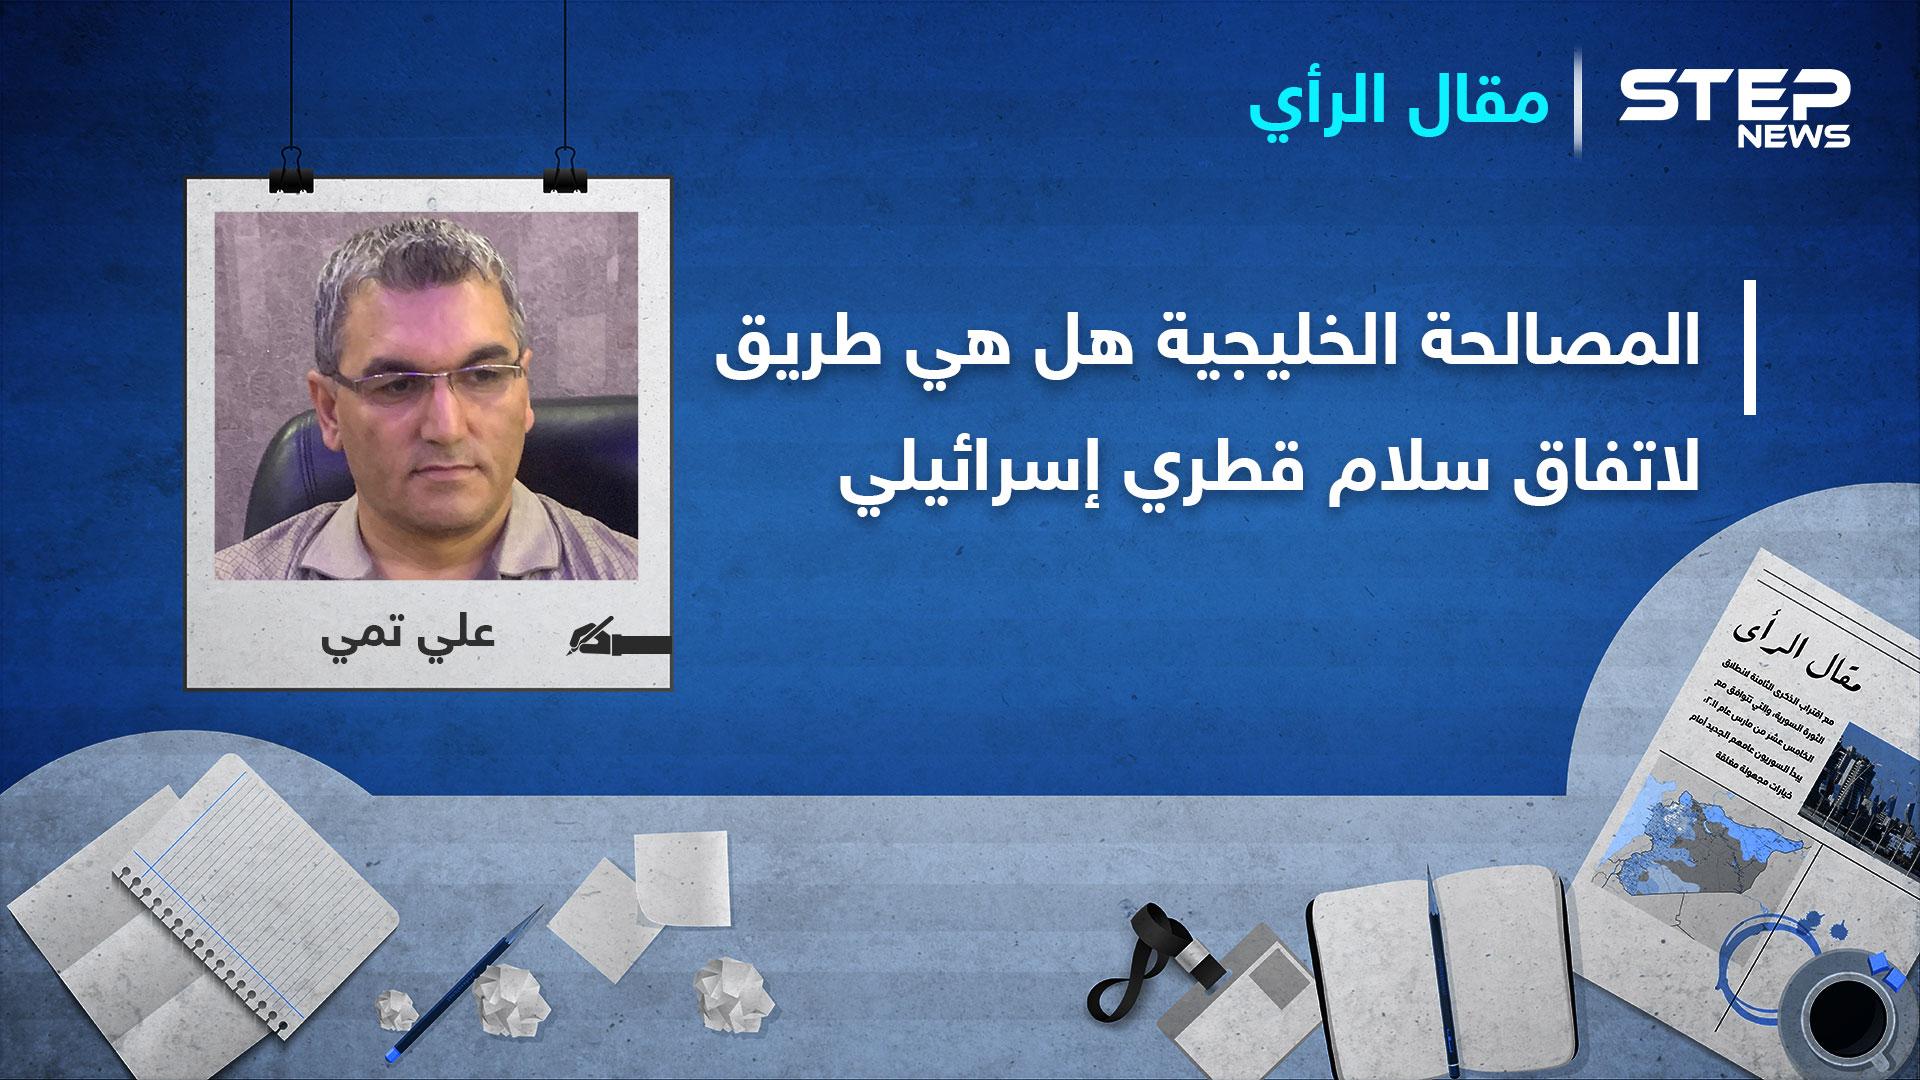 الدوحة والرياض إلى مركبة واحدة.. هل هو تمهيد لاتفاق سلام مع تل أبيت ومواجهة طهران؟